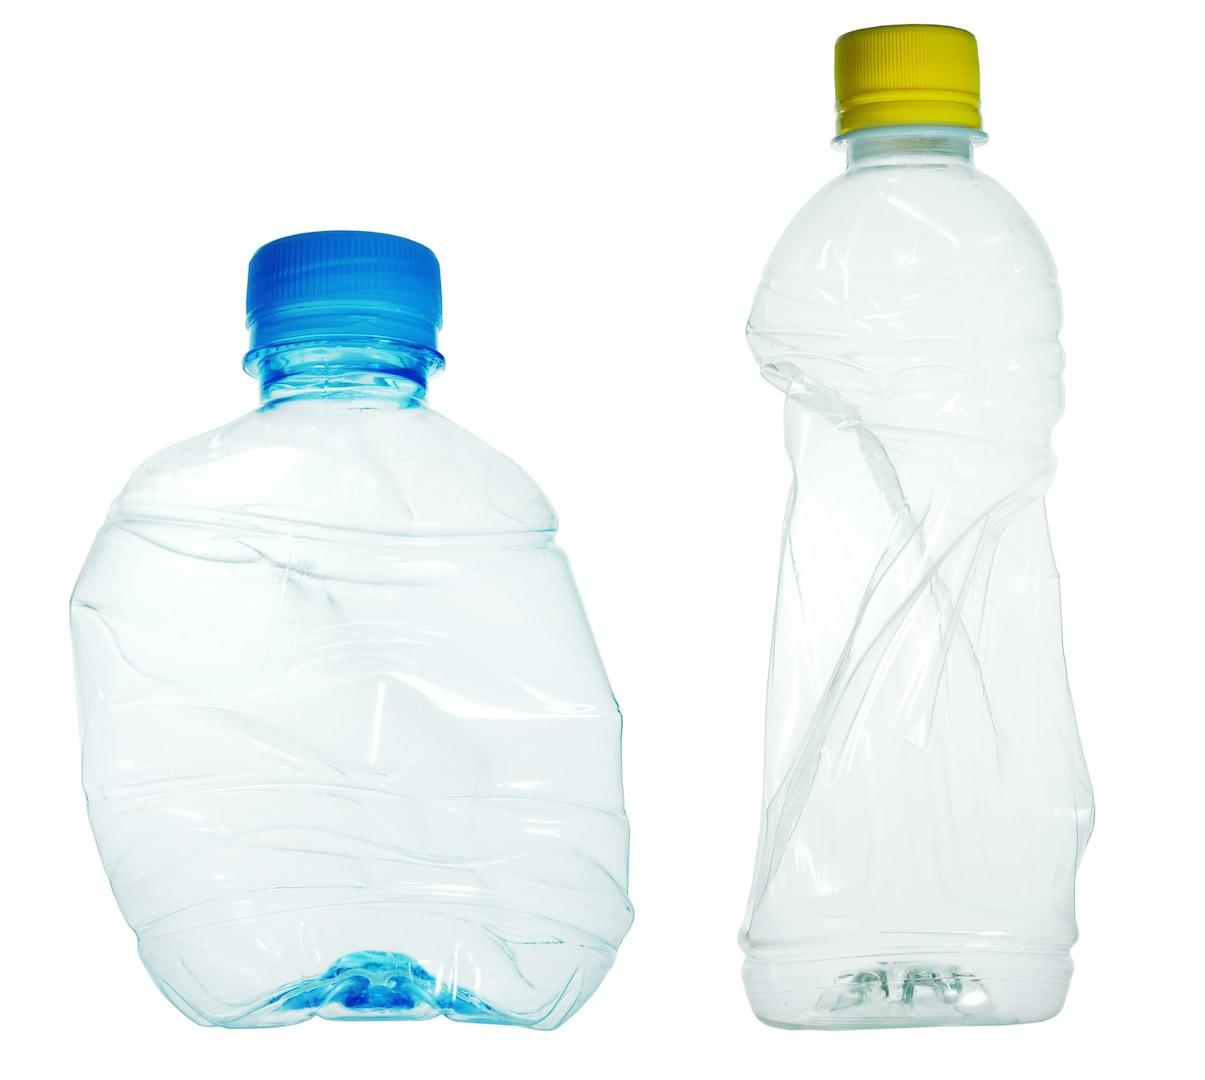 plasty_plast_pet_lahev_samosebou